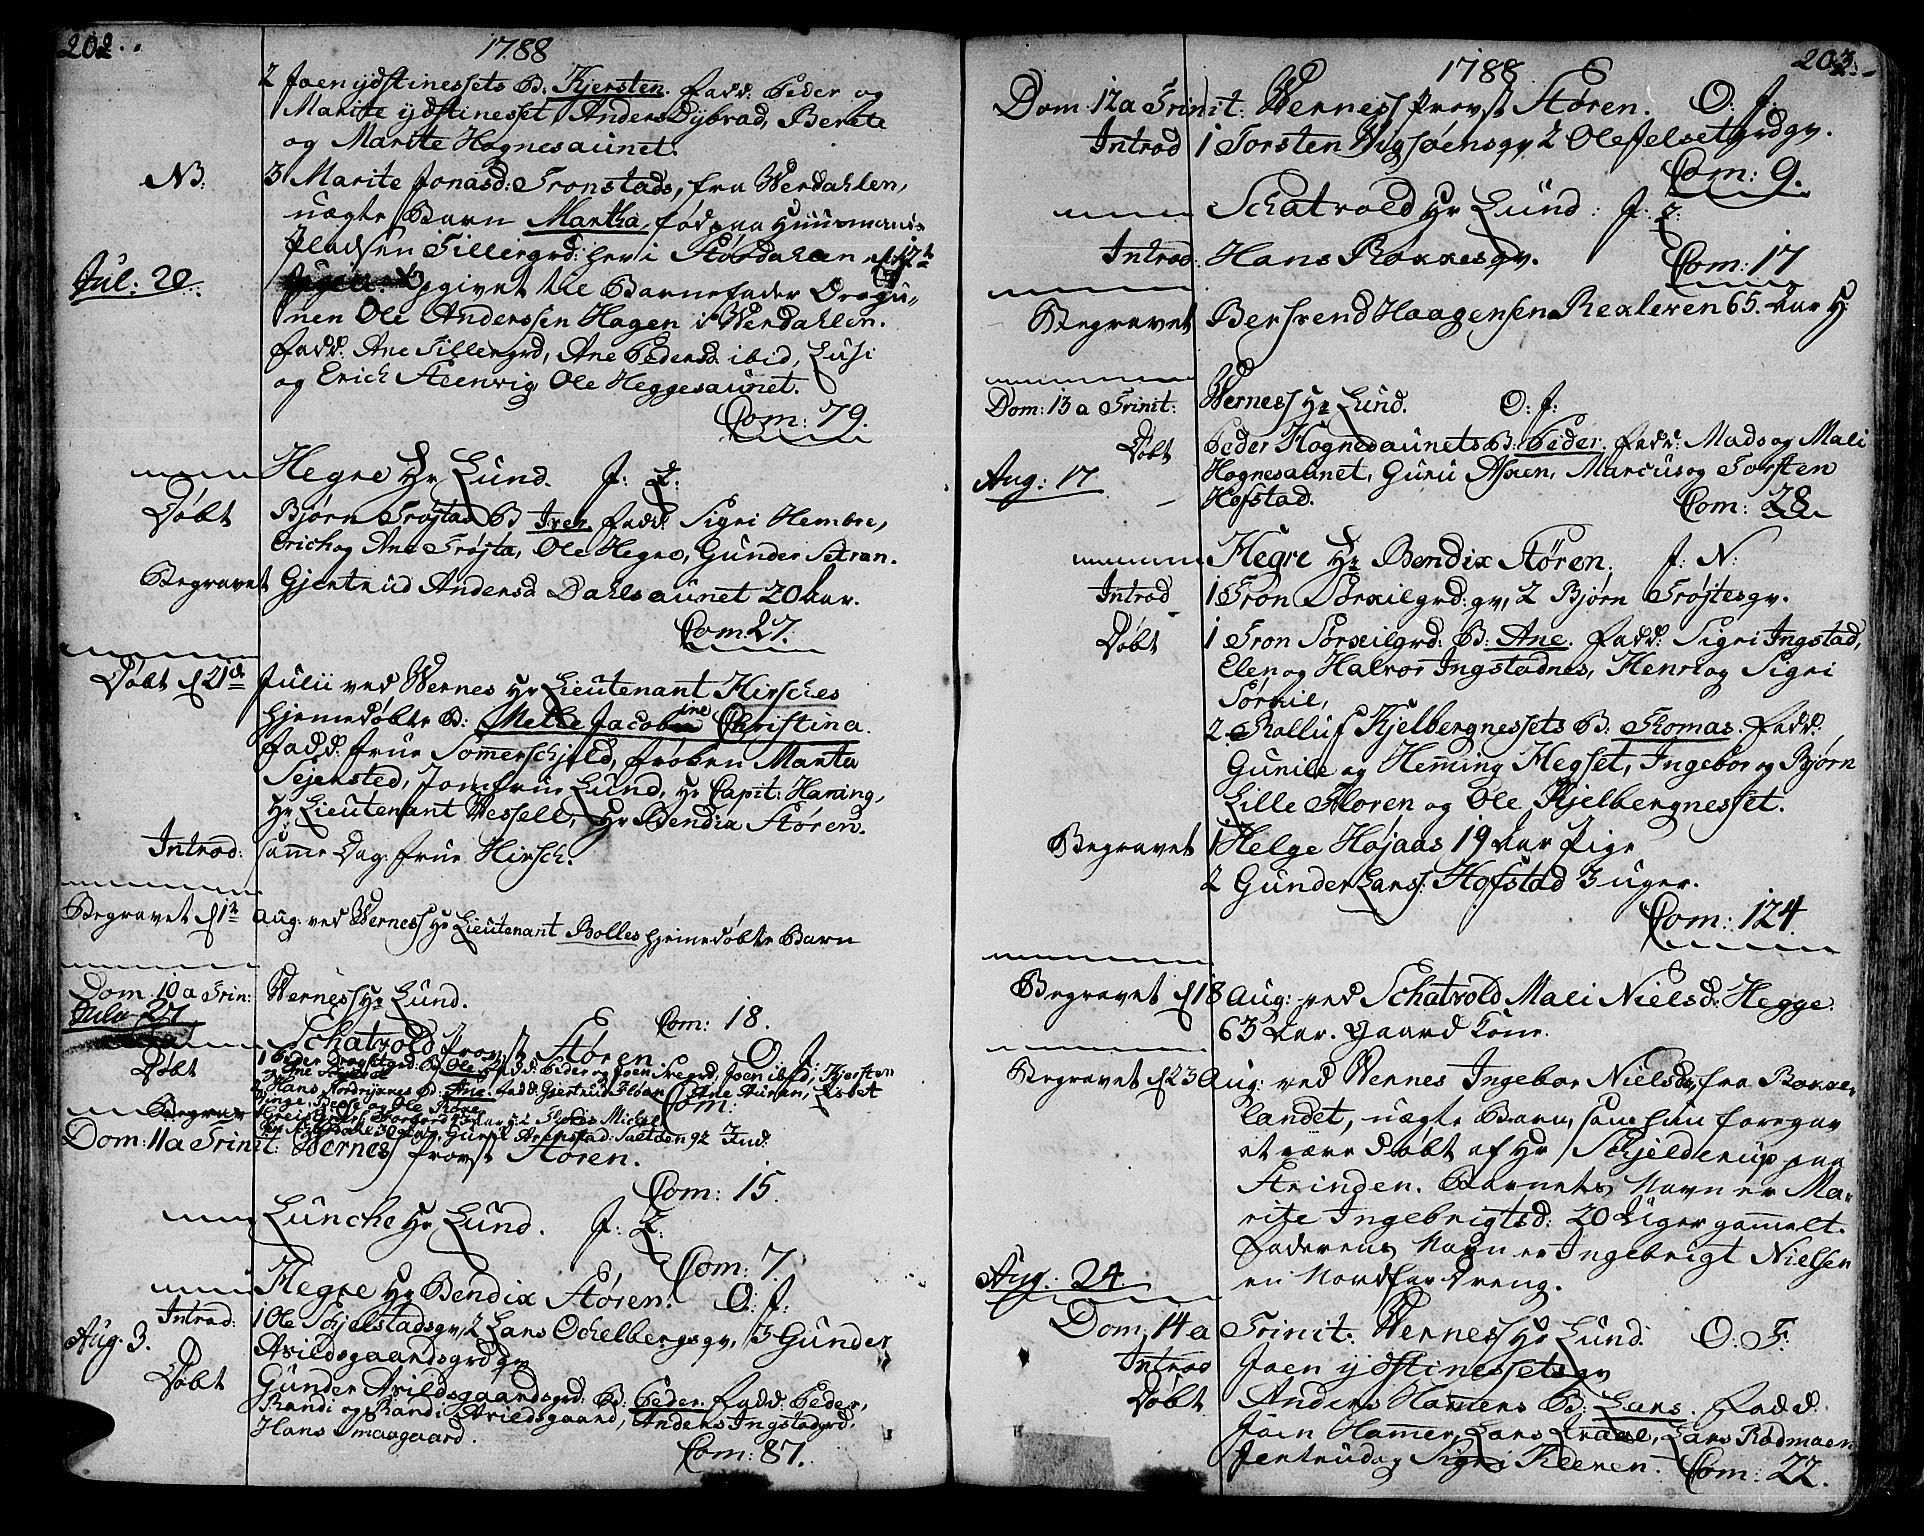 SAT, Ministerialprotokoller, klokkerbøker og fødselsregistre - Nord-Trøndelag, 709/L0059: Parish register (official) no. 709A06, 1781-1797, p. 202-203